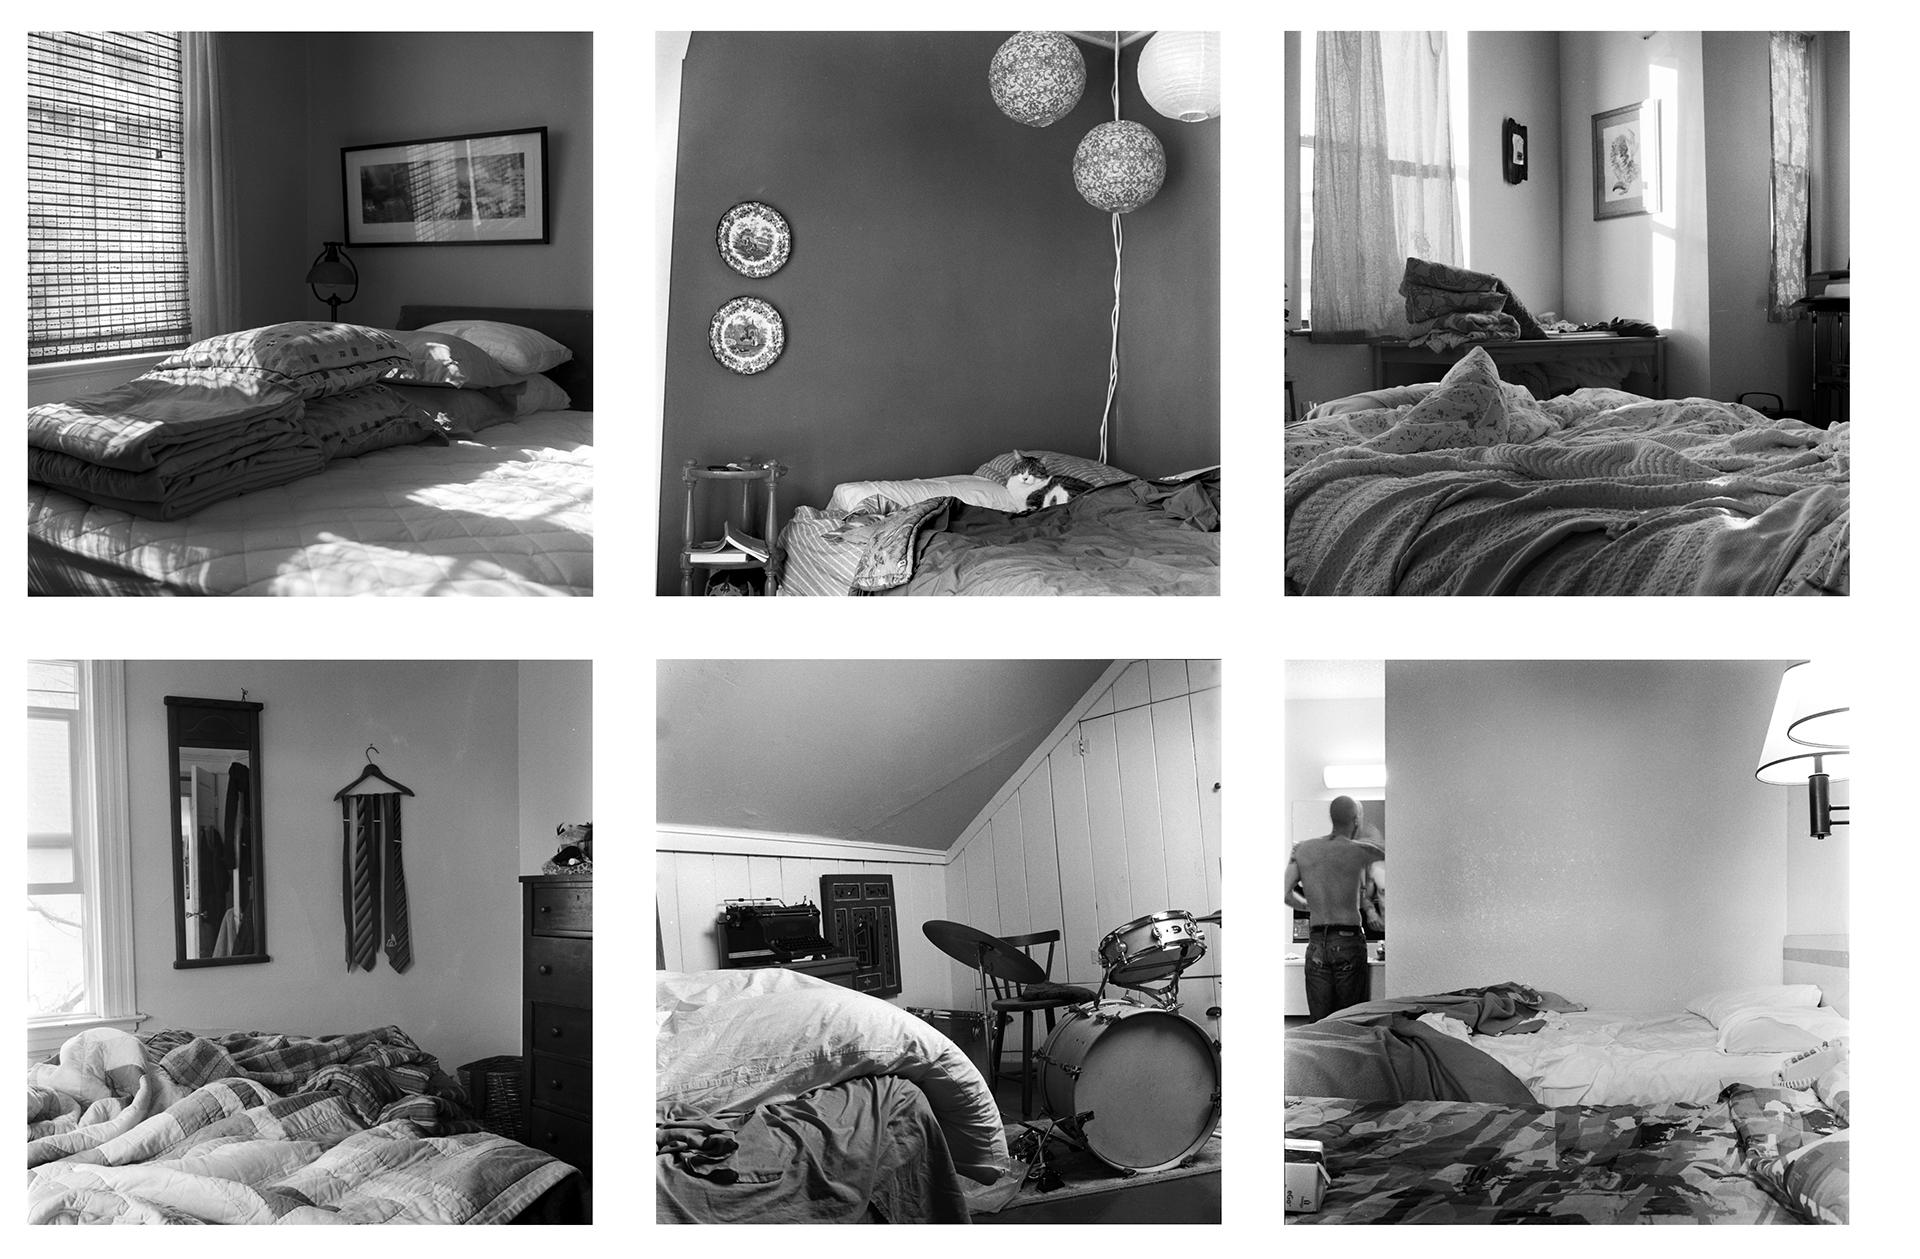 22_Beds 8 copy.jpg